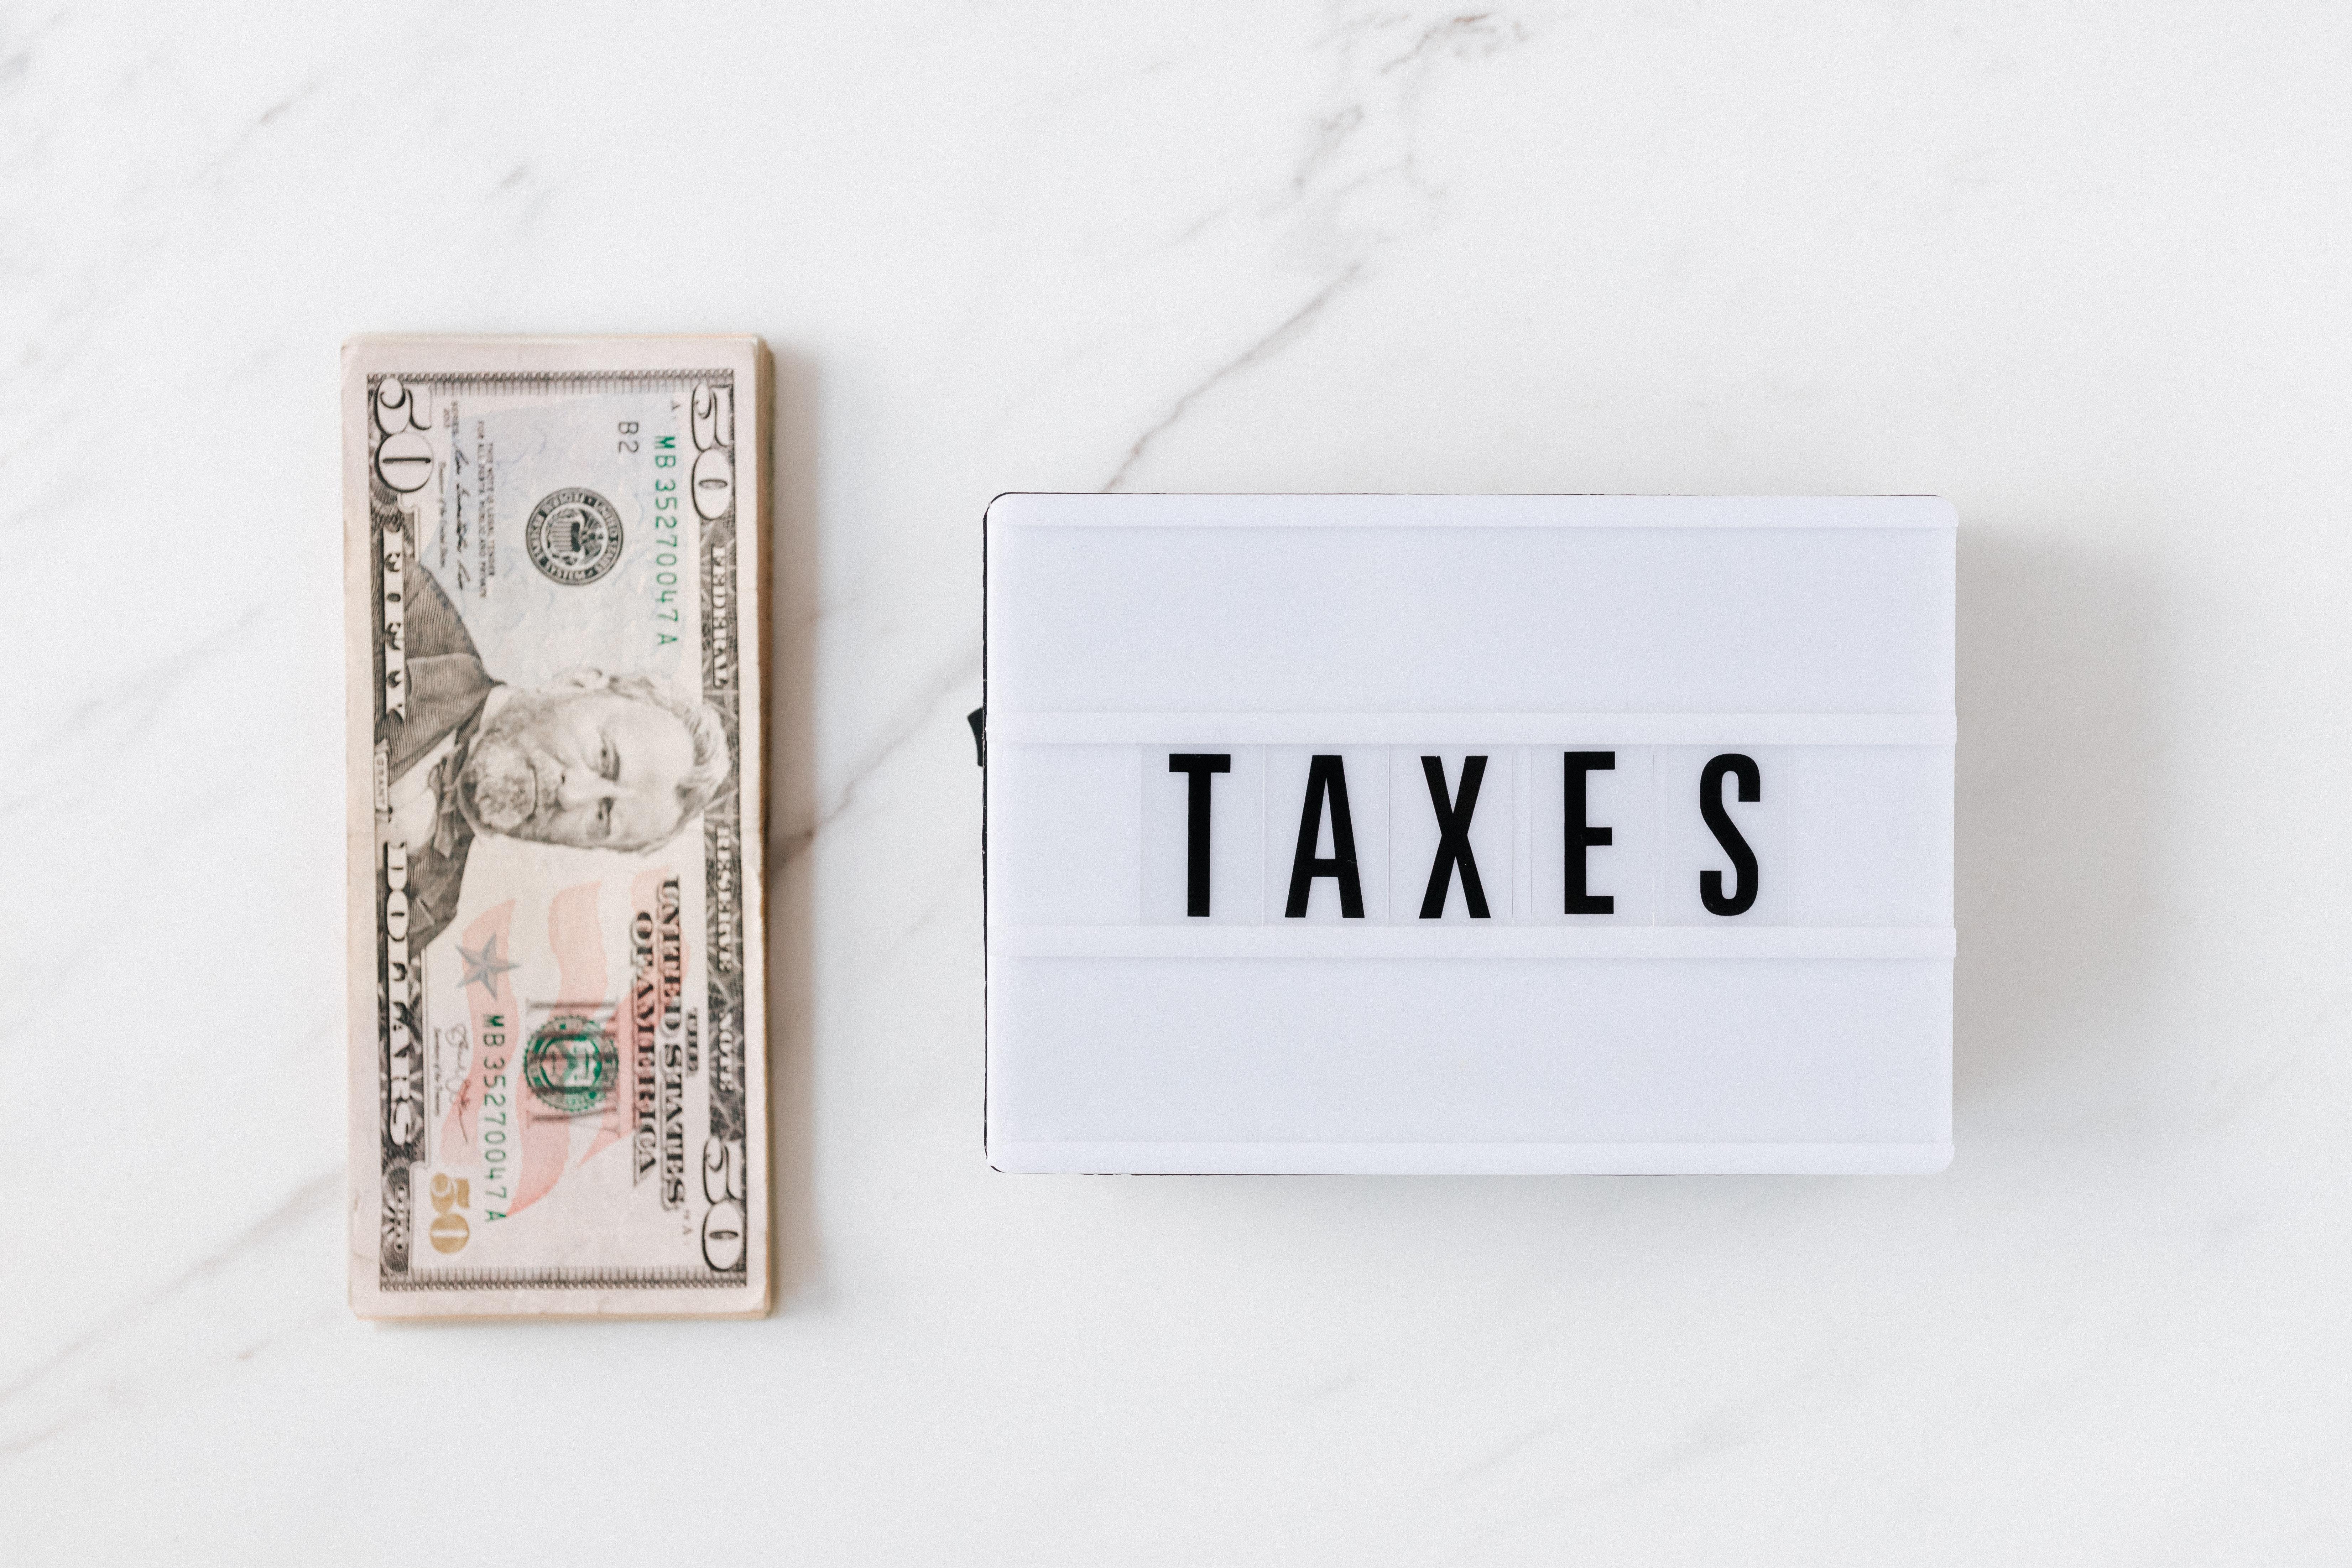 2020 Unemployment Benefits Receive Federal Tax Break